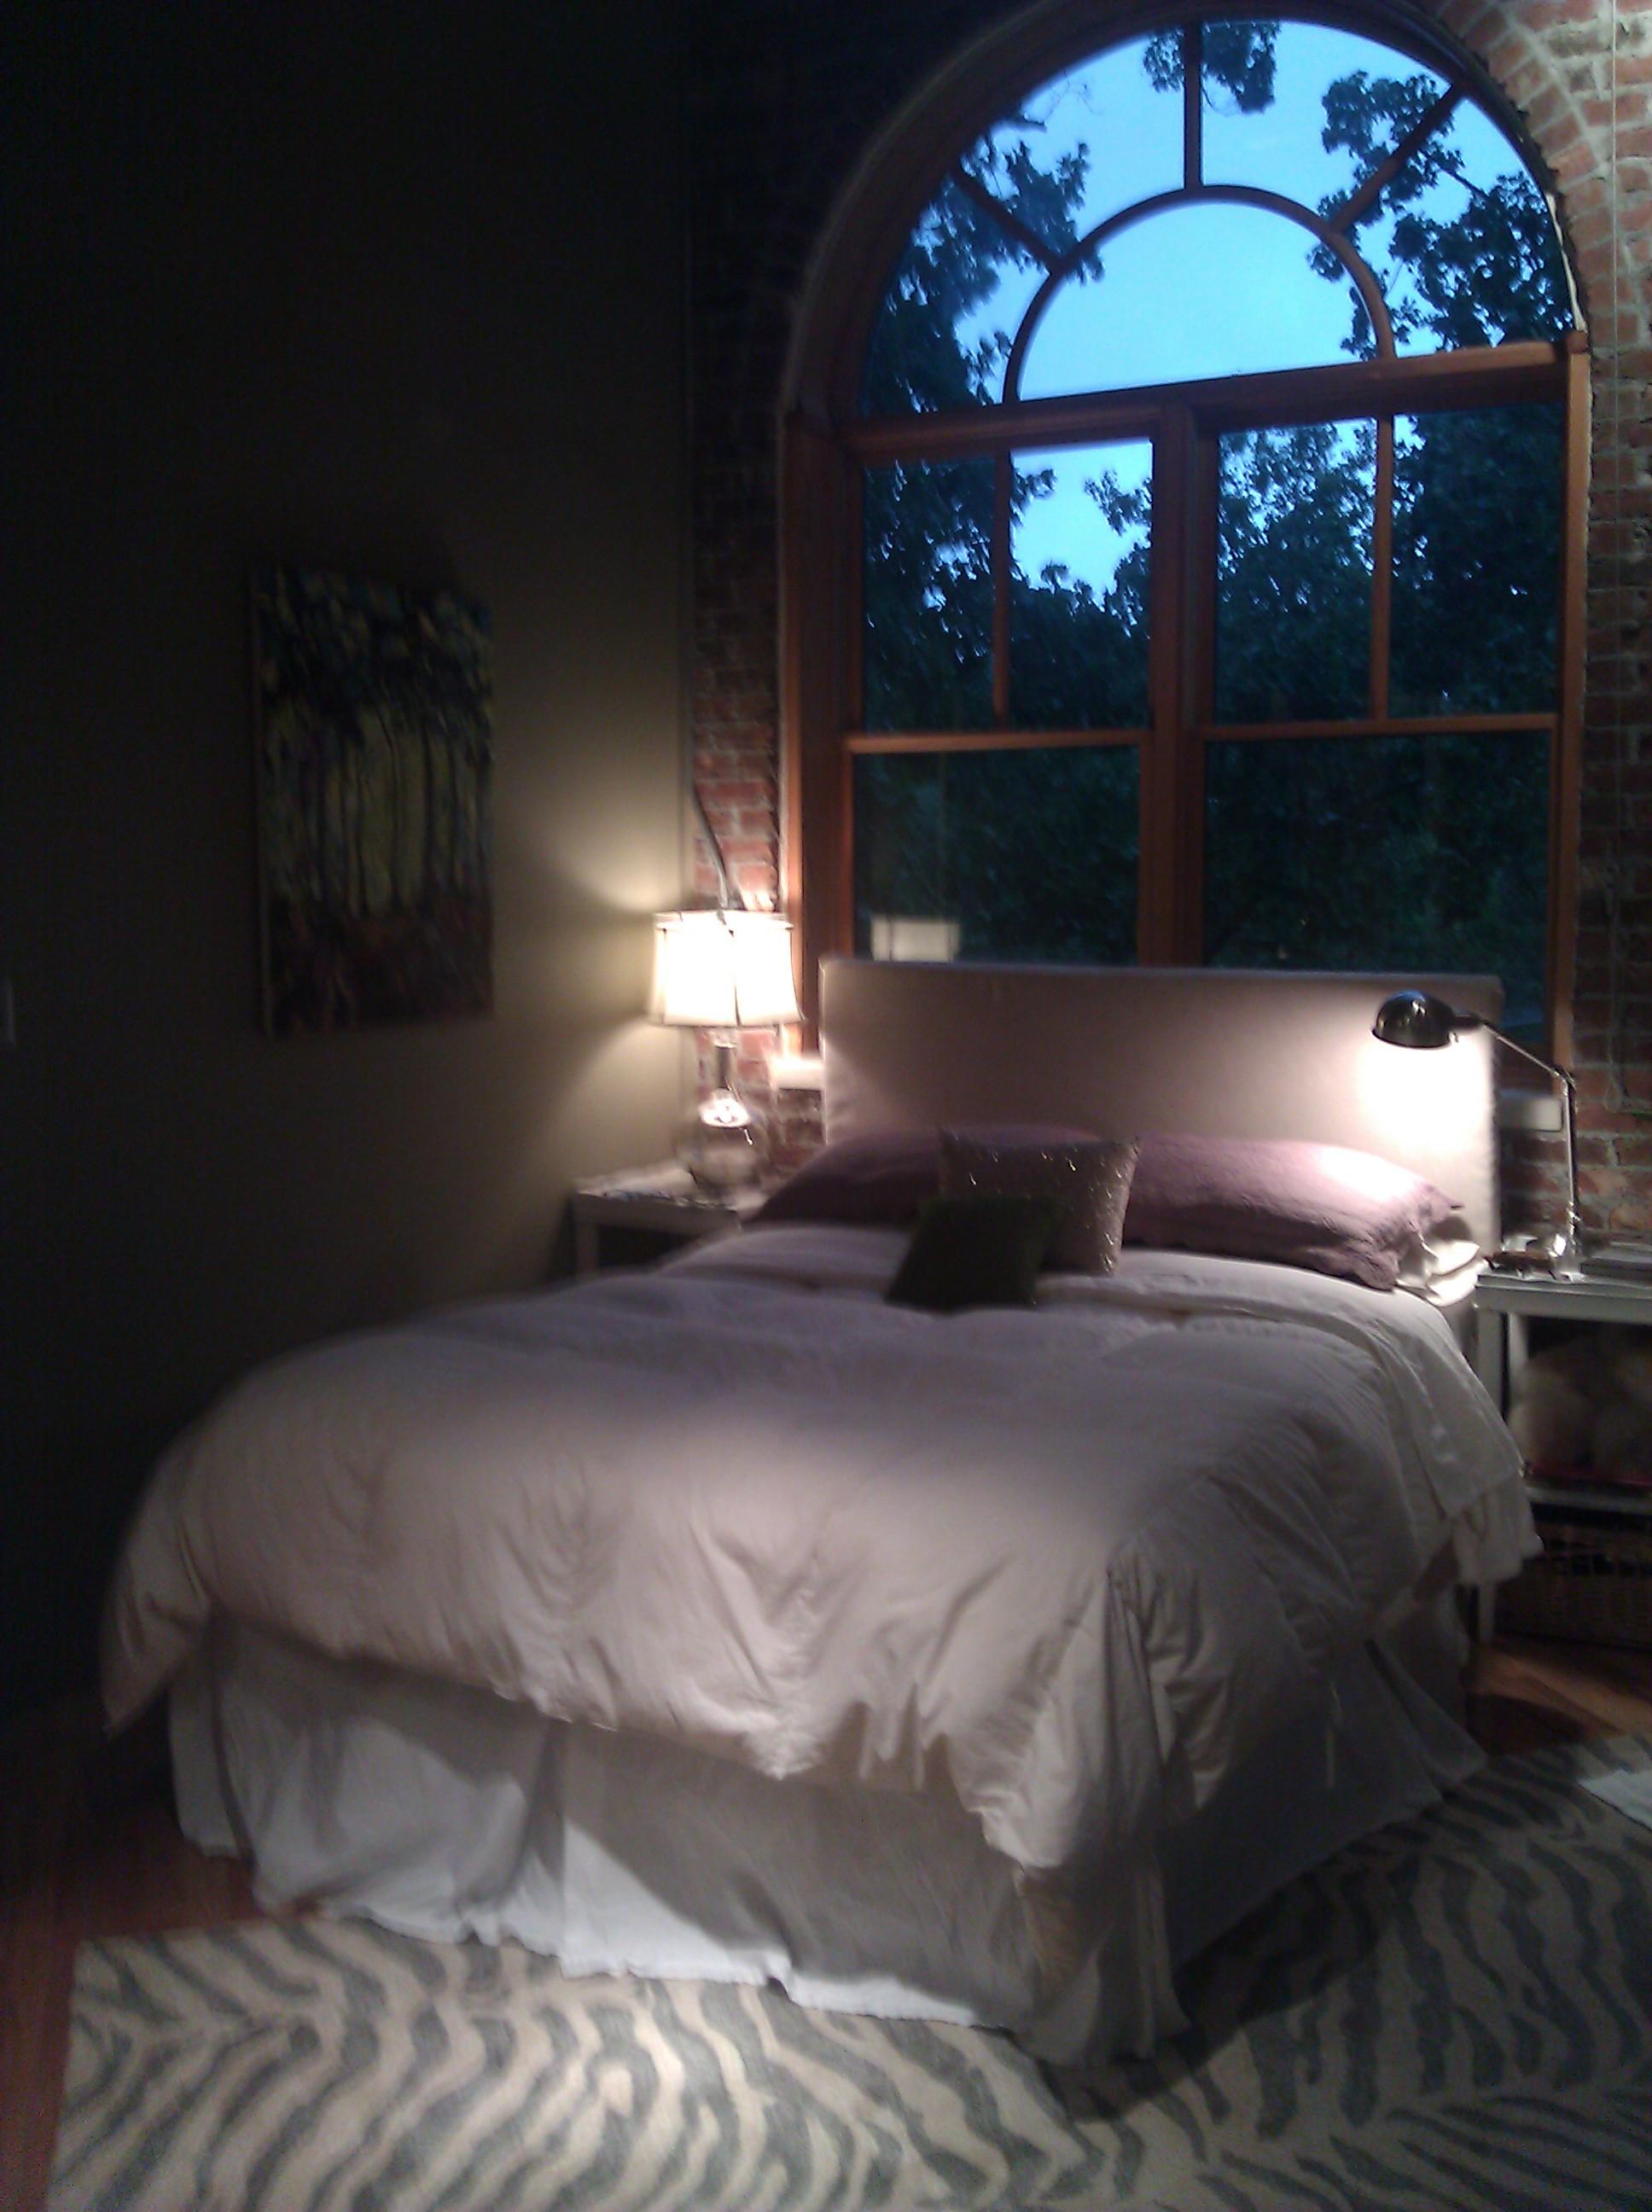 Dark Living Room At Night dark bedroom at night